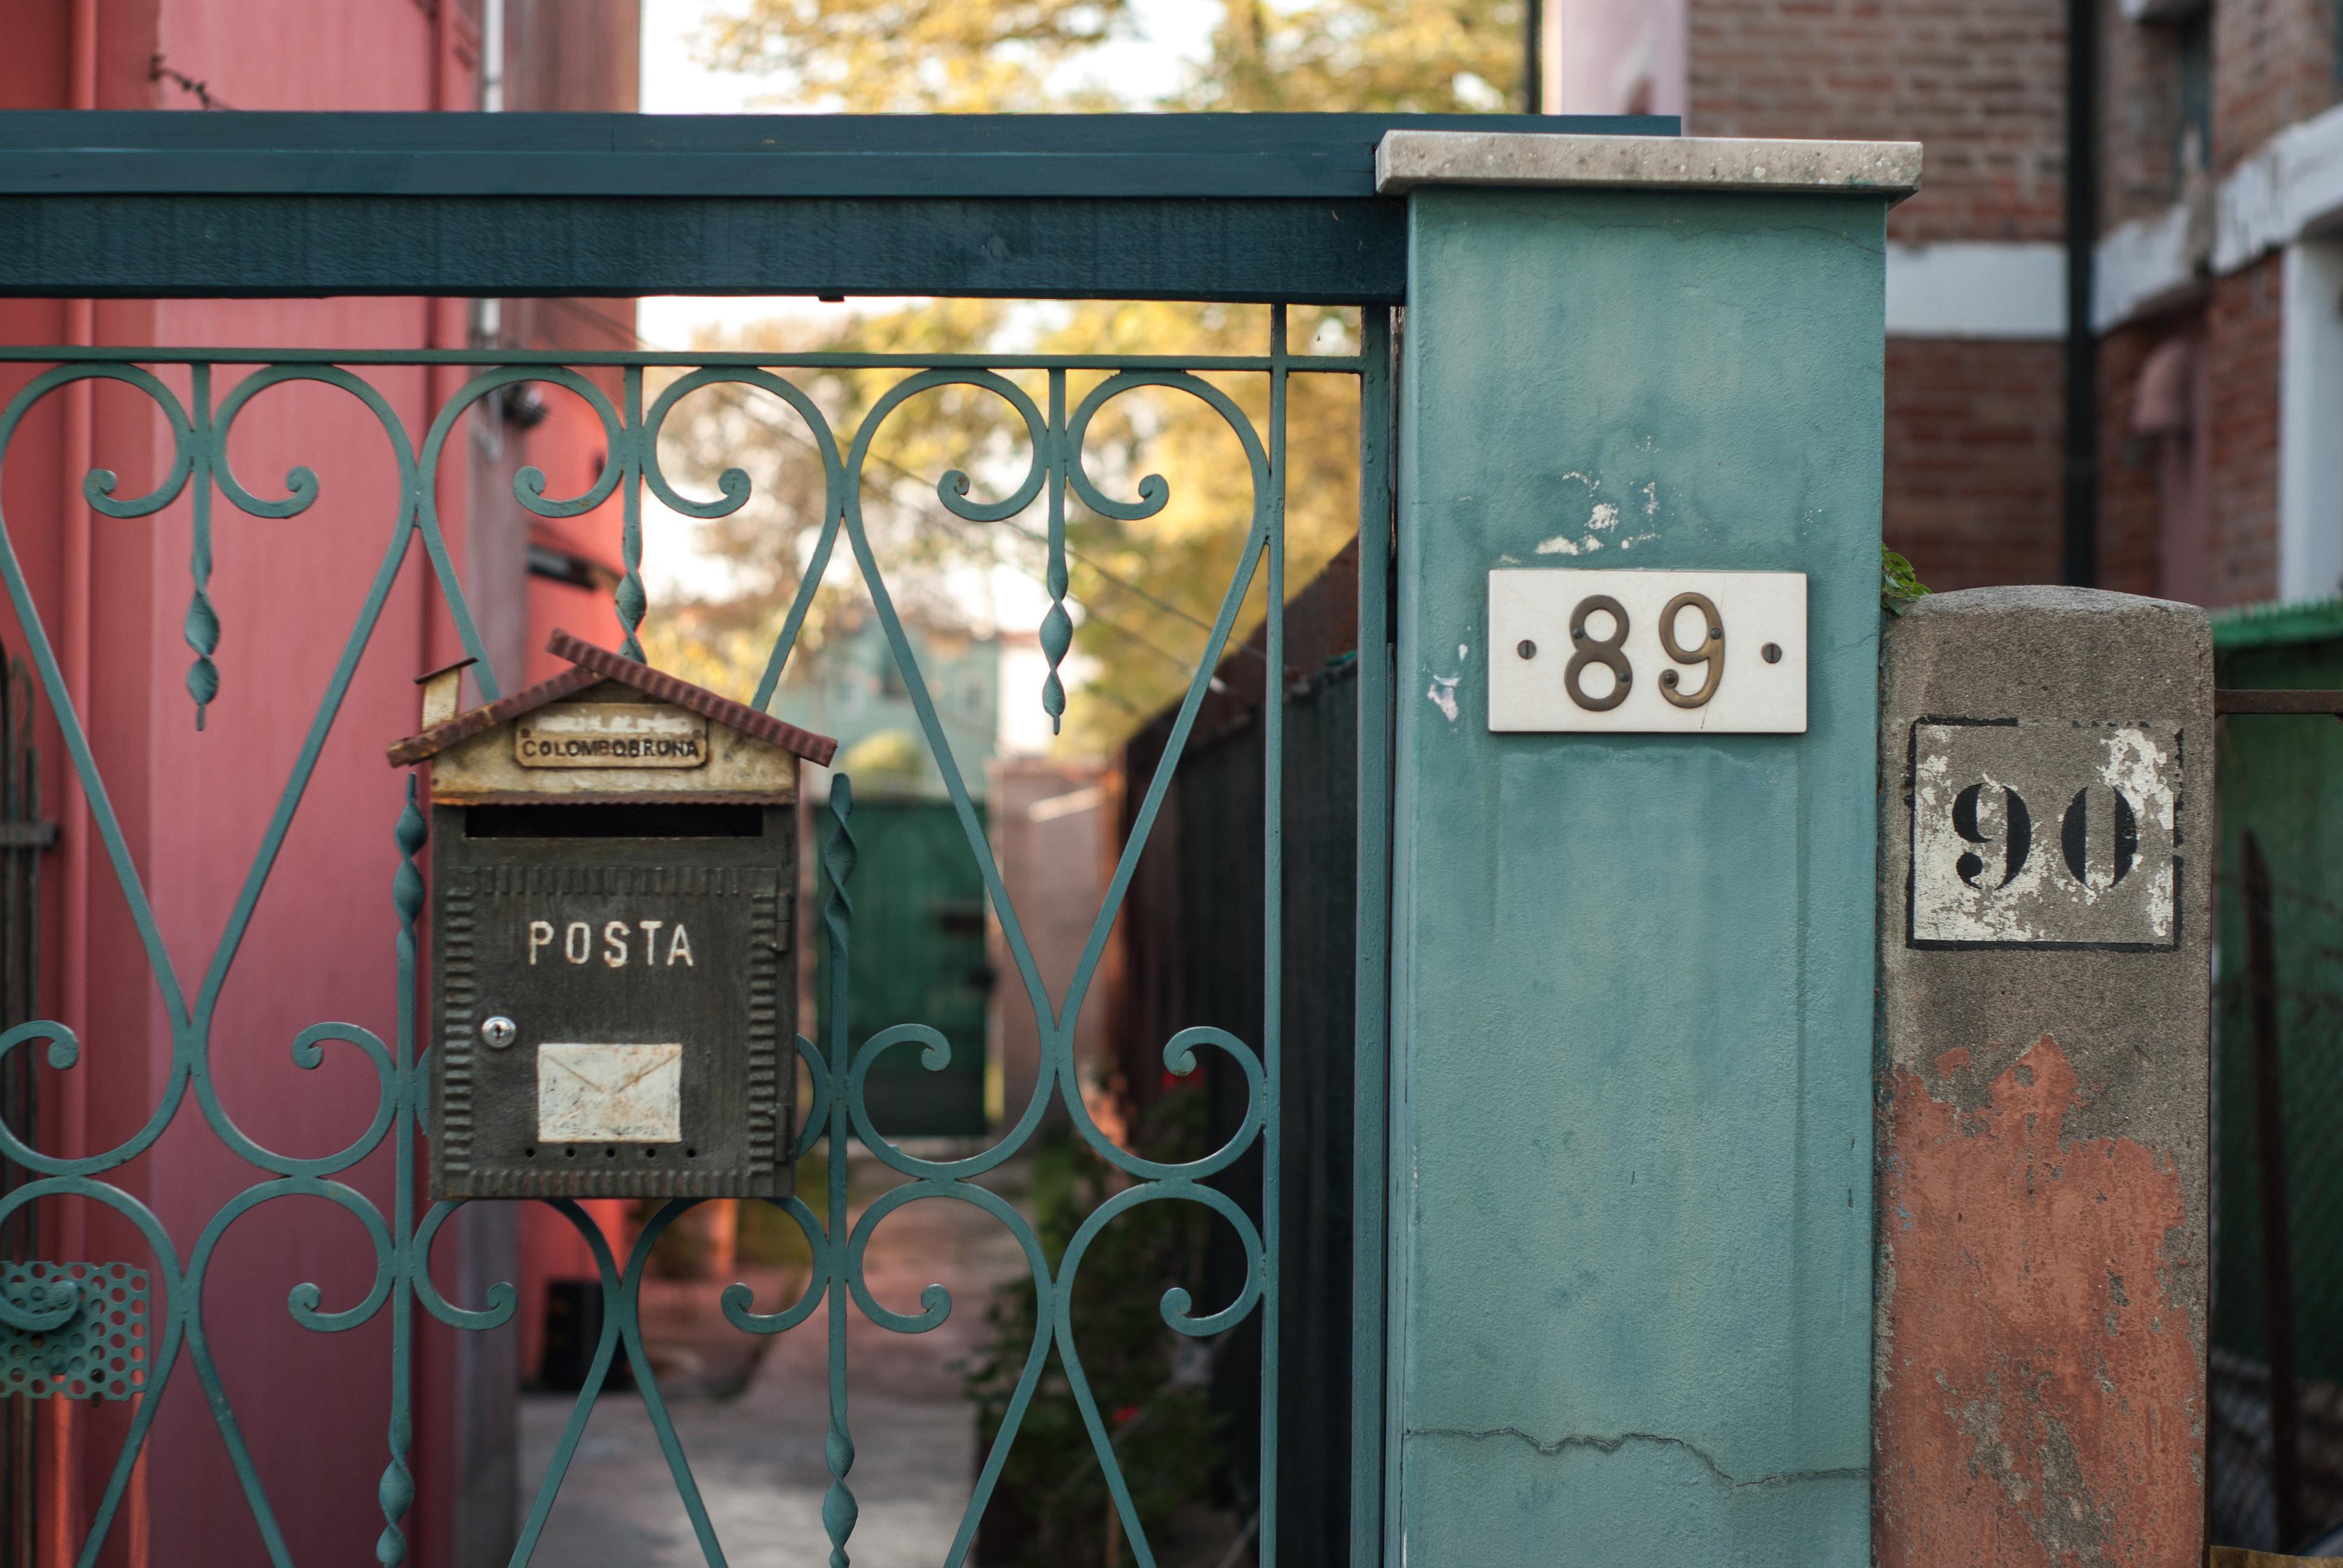 Des Chiffres et des Adresses